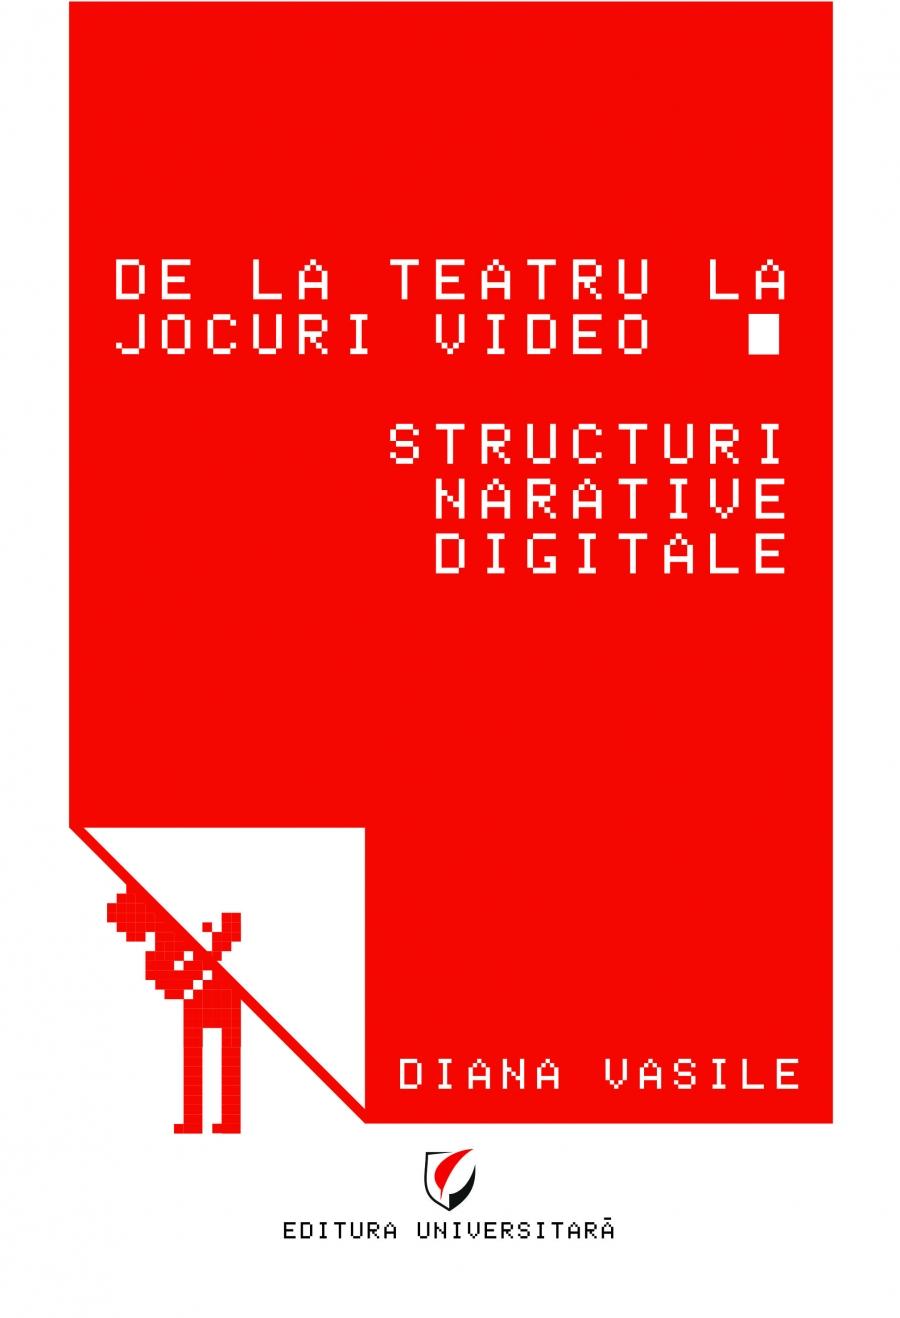 Imagine  De La Teatru Jocuri Video - Diana Vasile